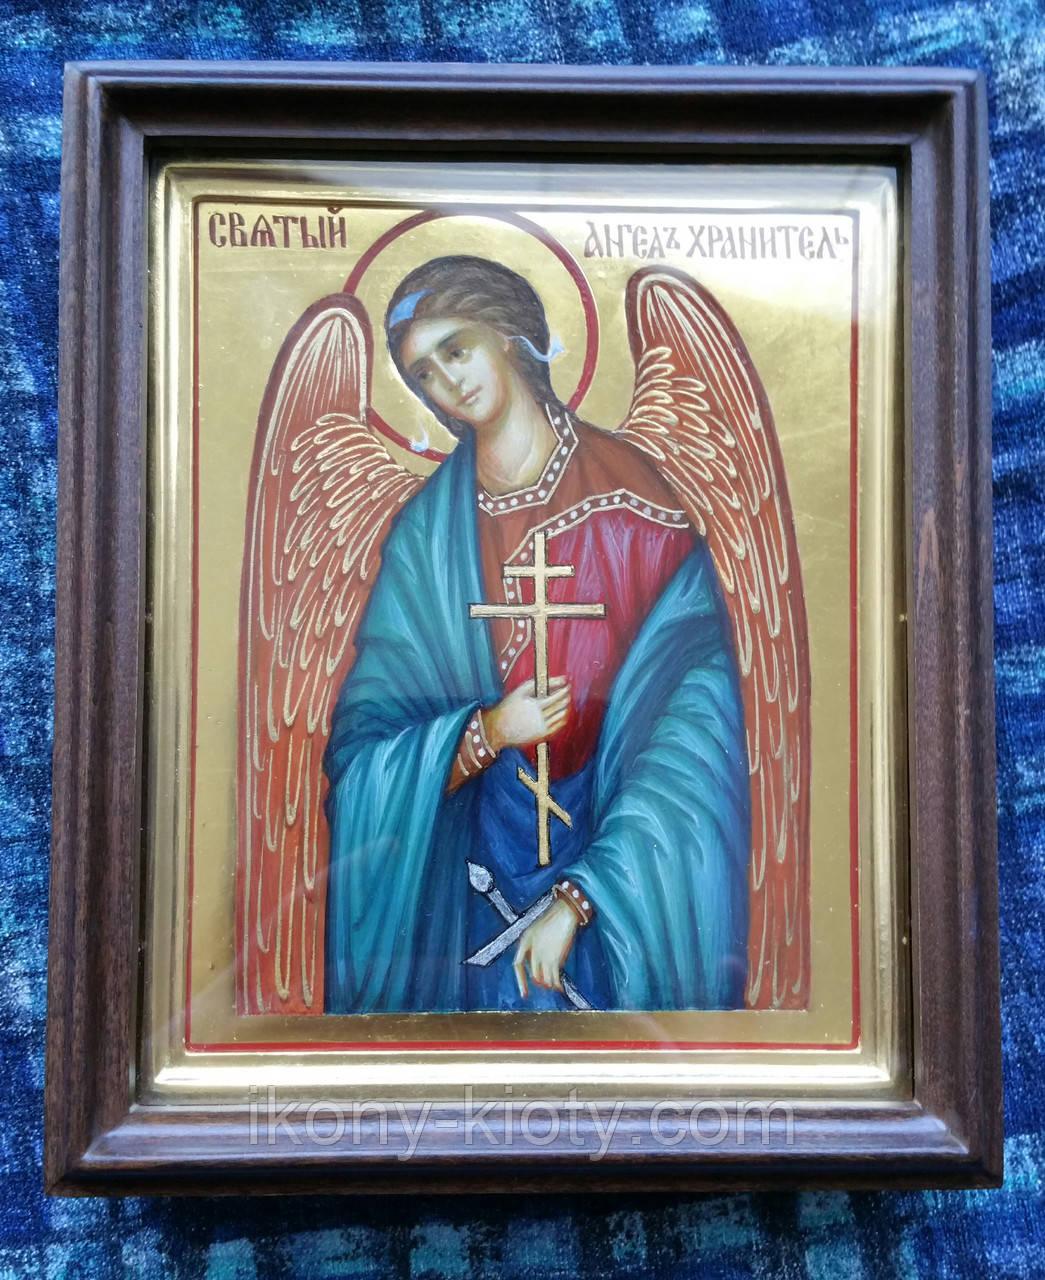 Золочение сусальным золотом миниатюрной иконы Ангела Хранителя и рамочки к ней.